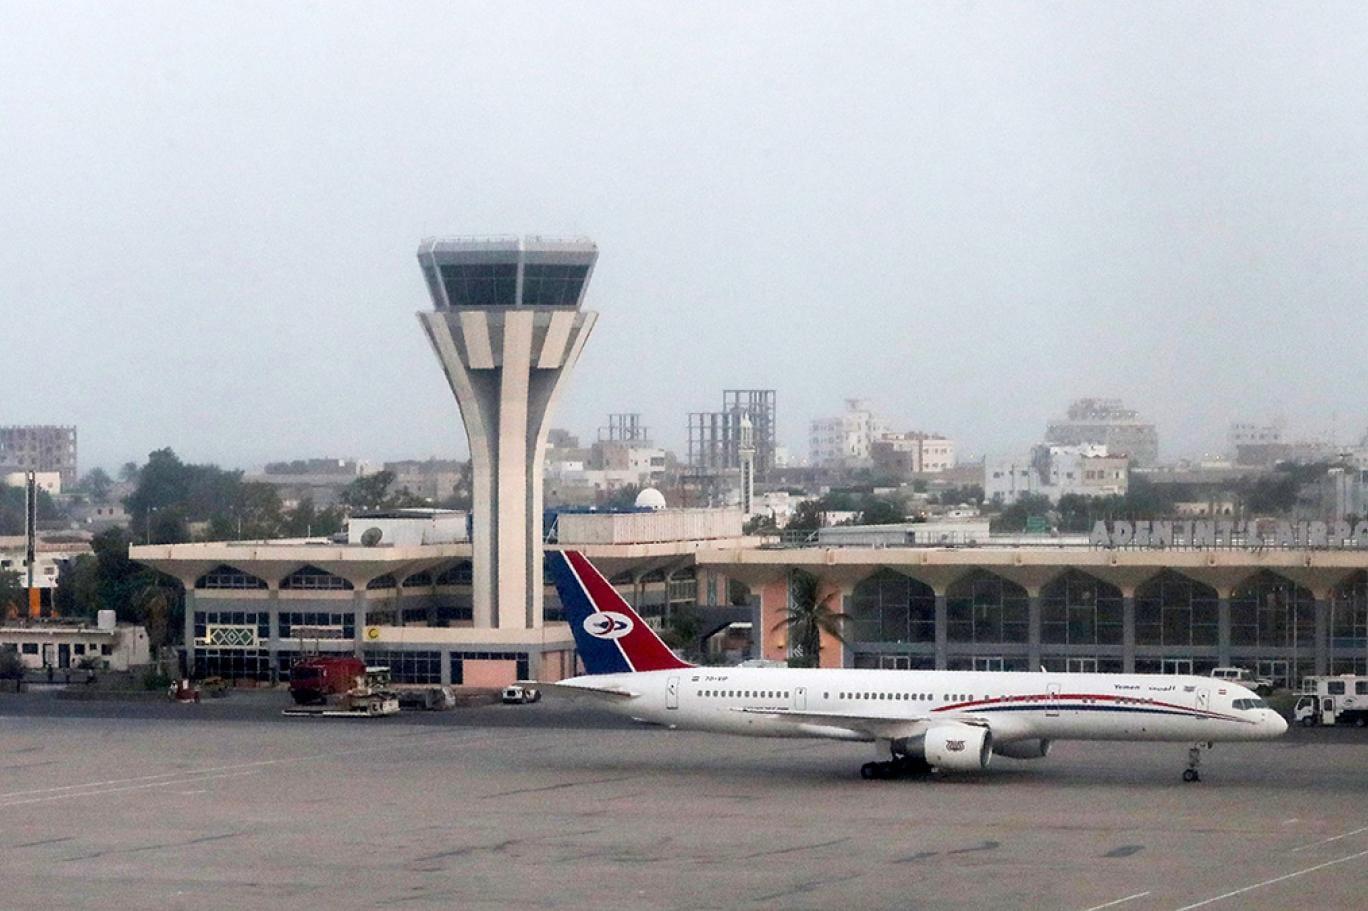 صورة حقيقة وصول طائرة عسكرية إلى مطار عدن والريان وفتح مطار عدن